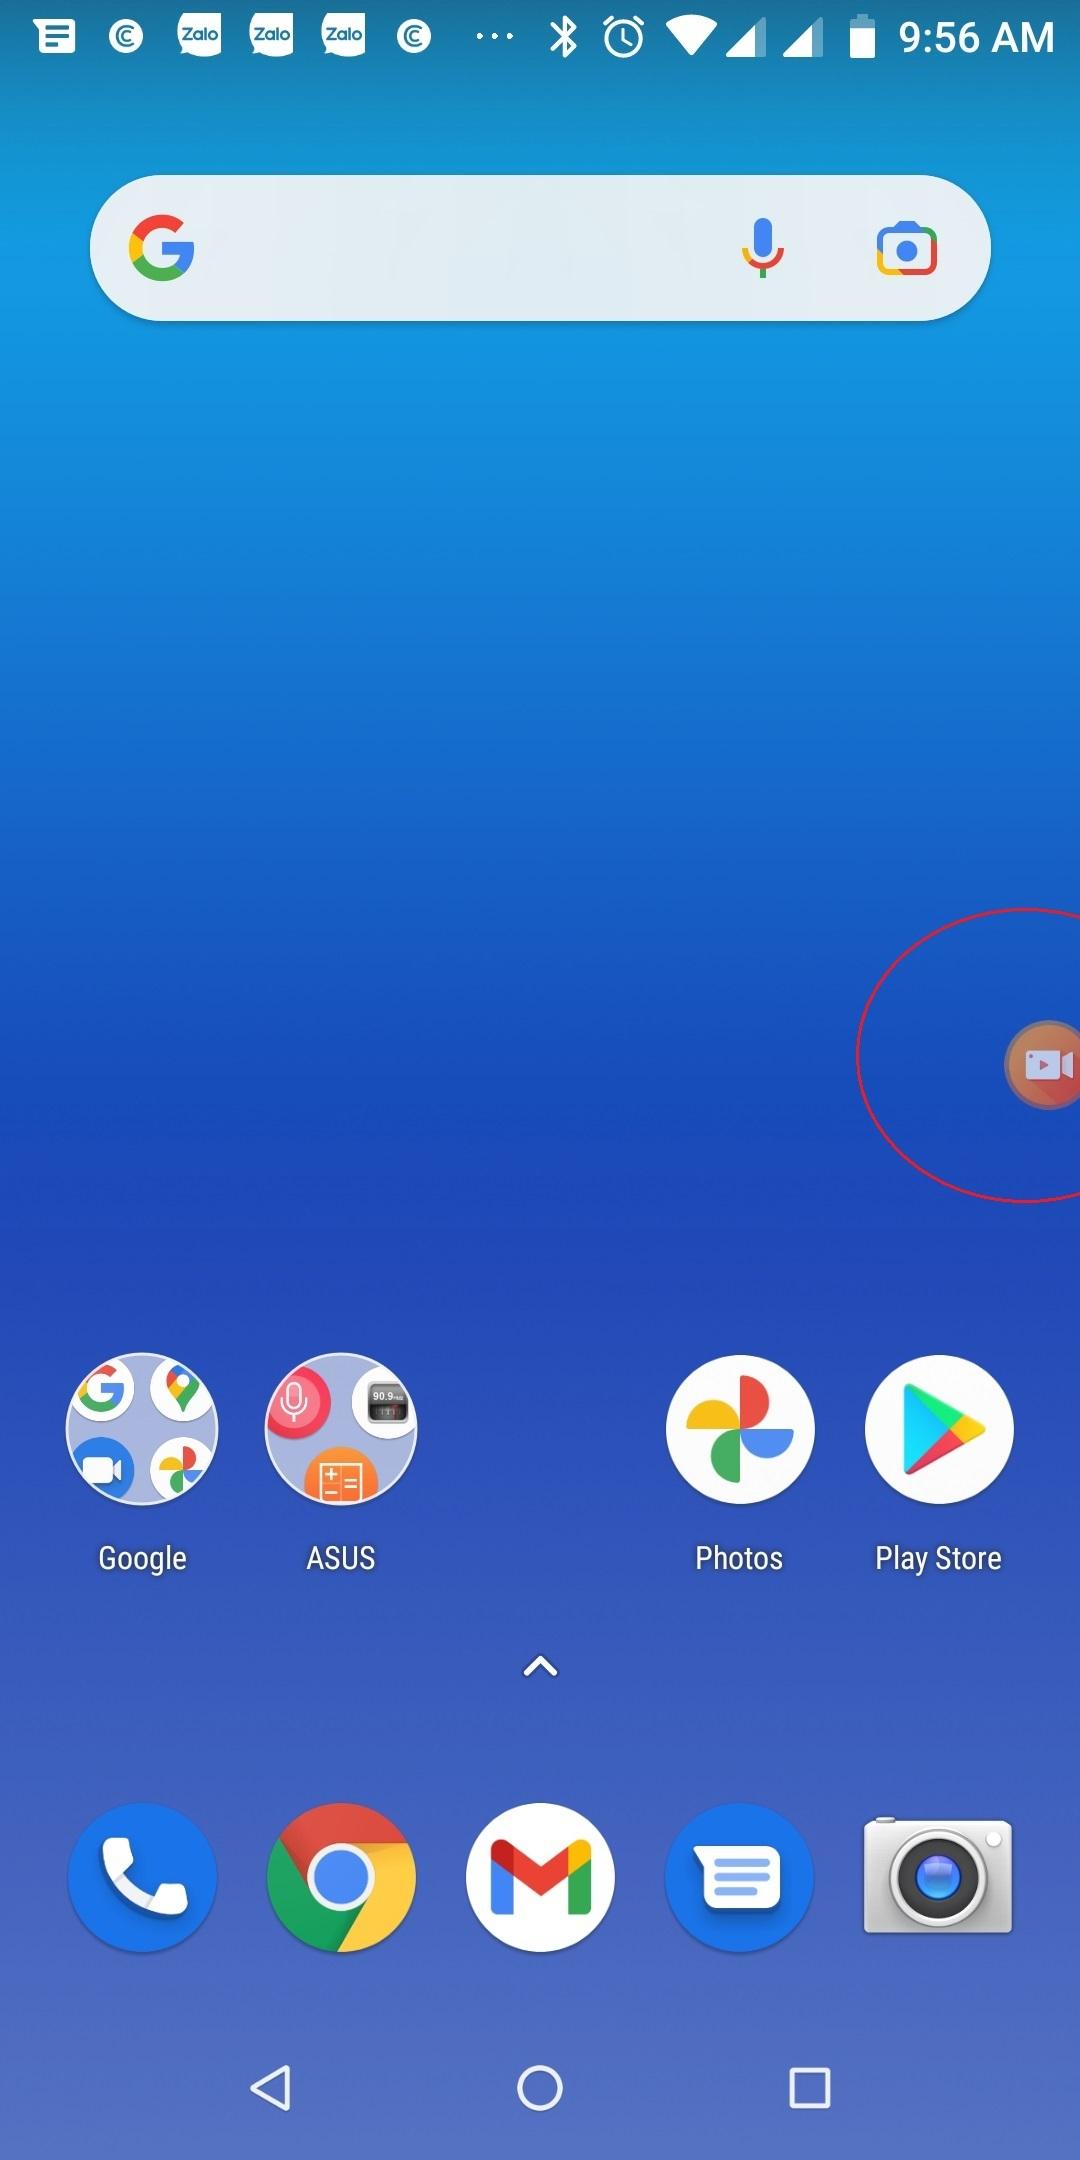 Cách quay màn hình điện thoại Android